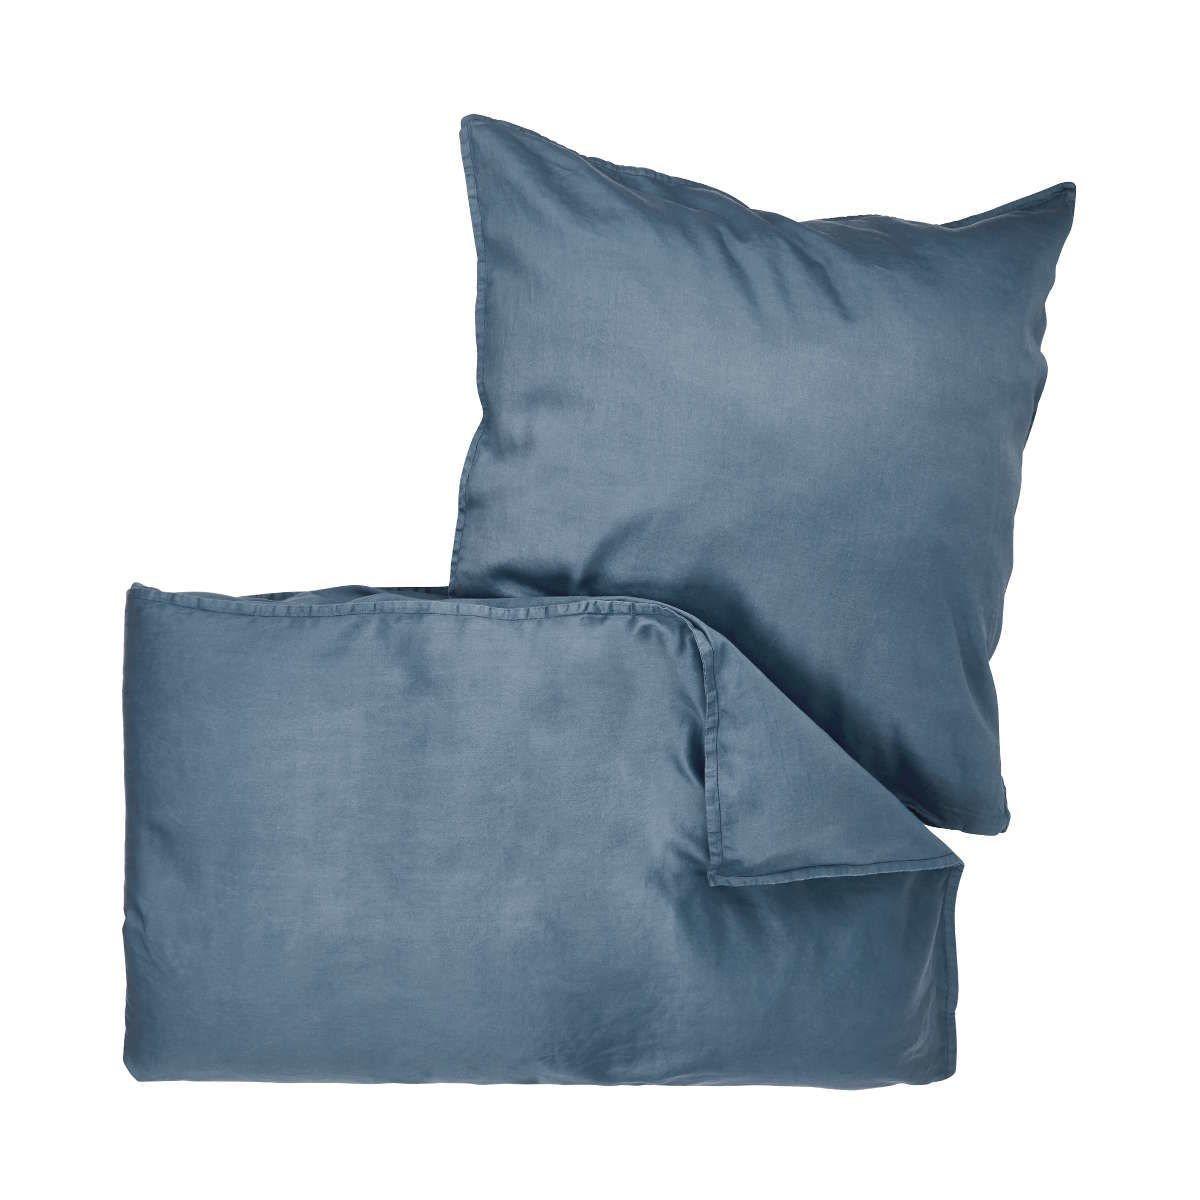 Perkal Bettwäsche 135x200 Blau Preisvergleich Die Besten Angebote